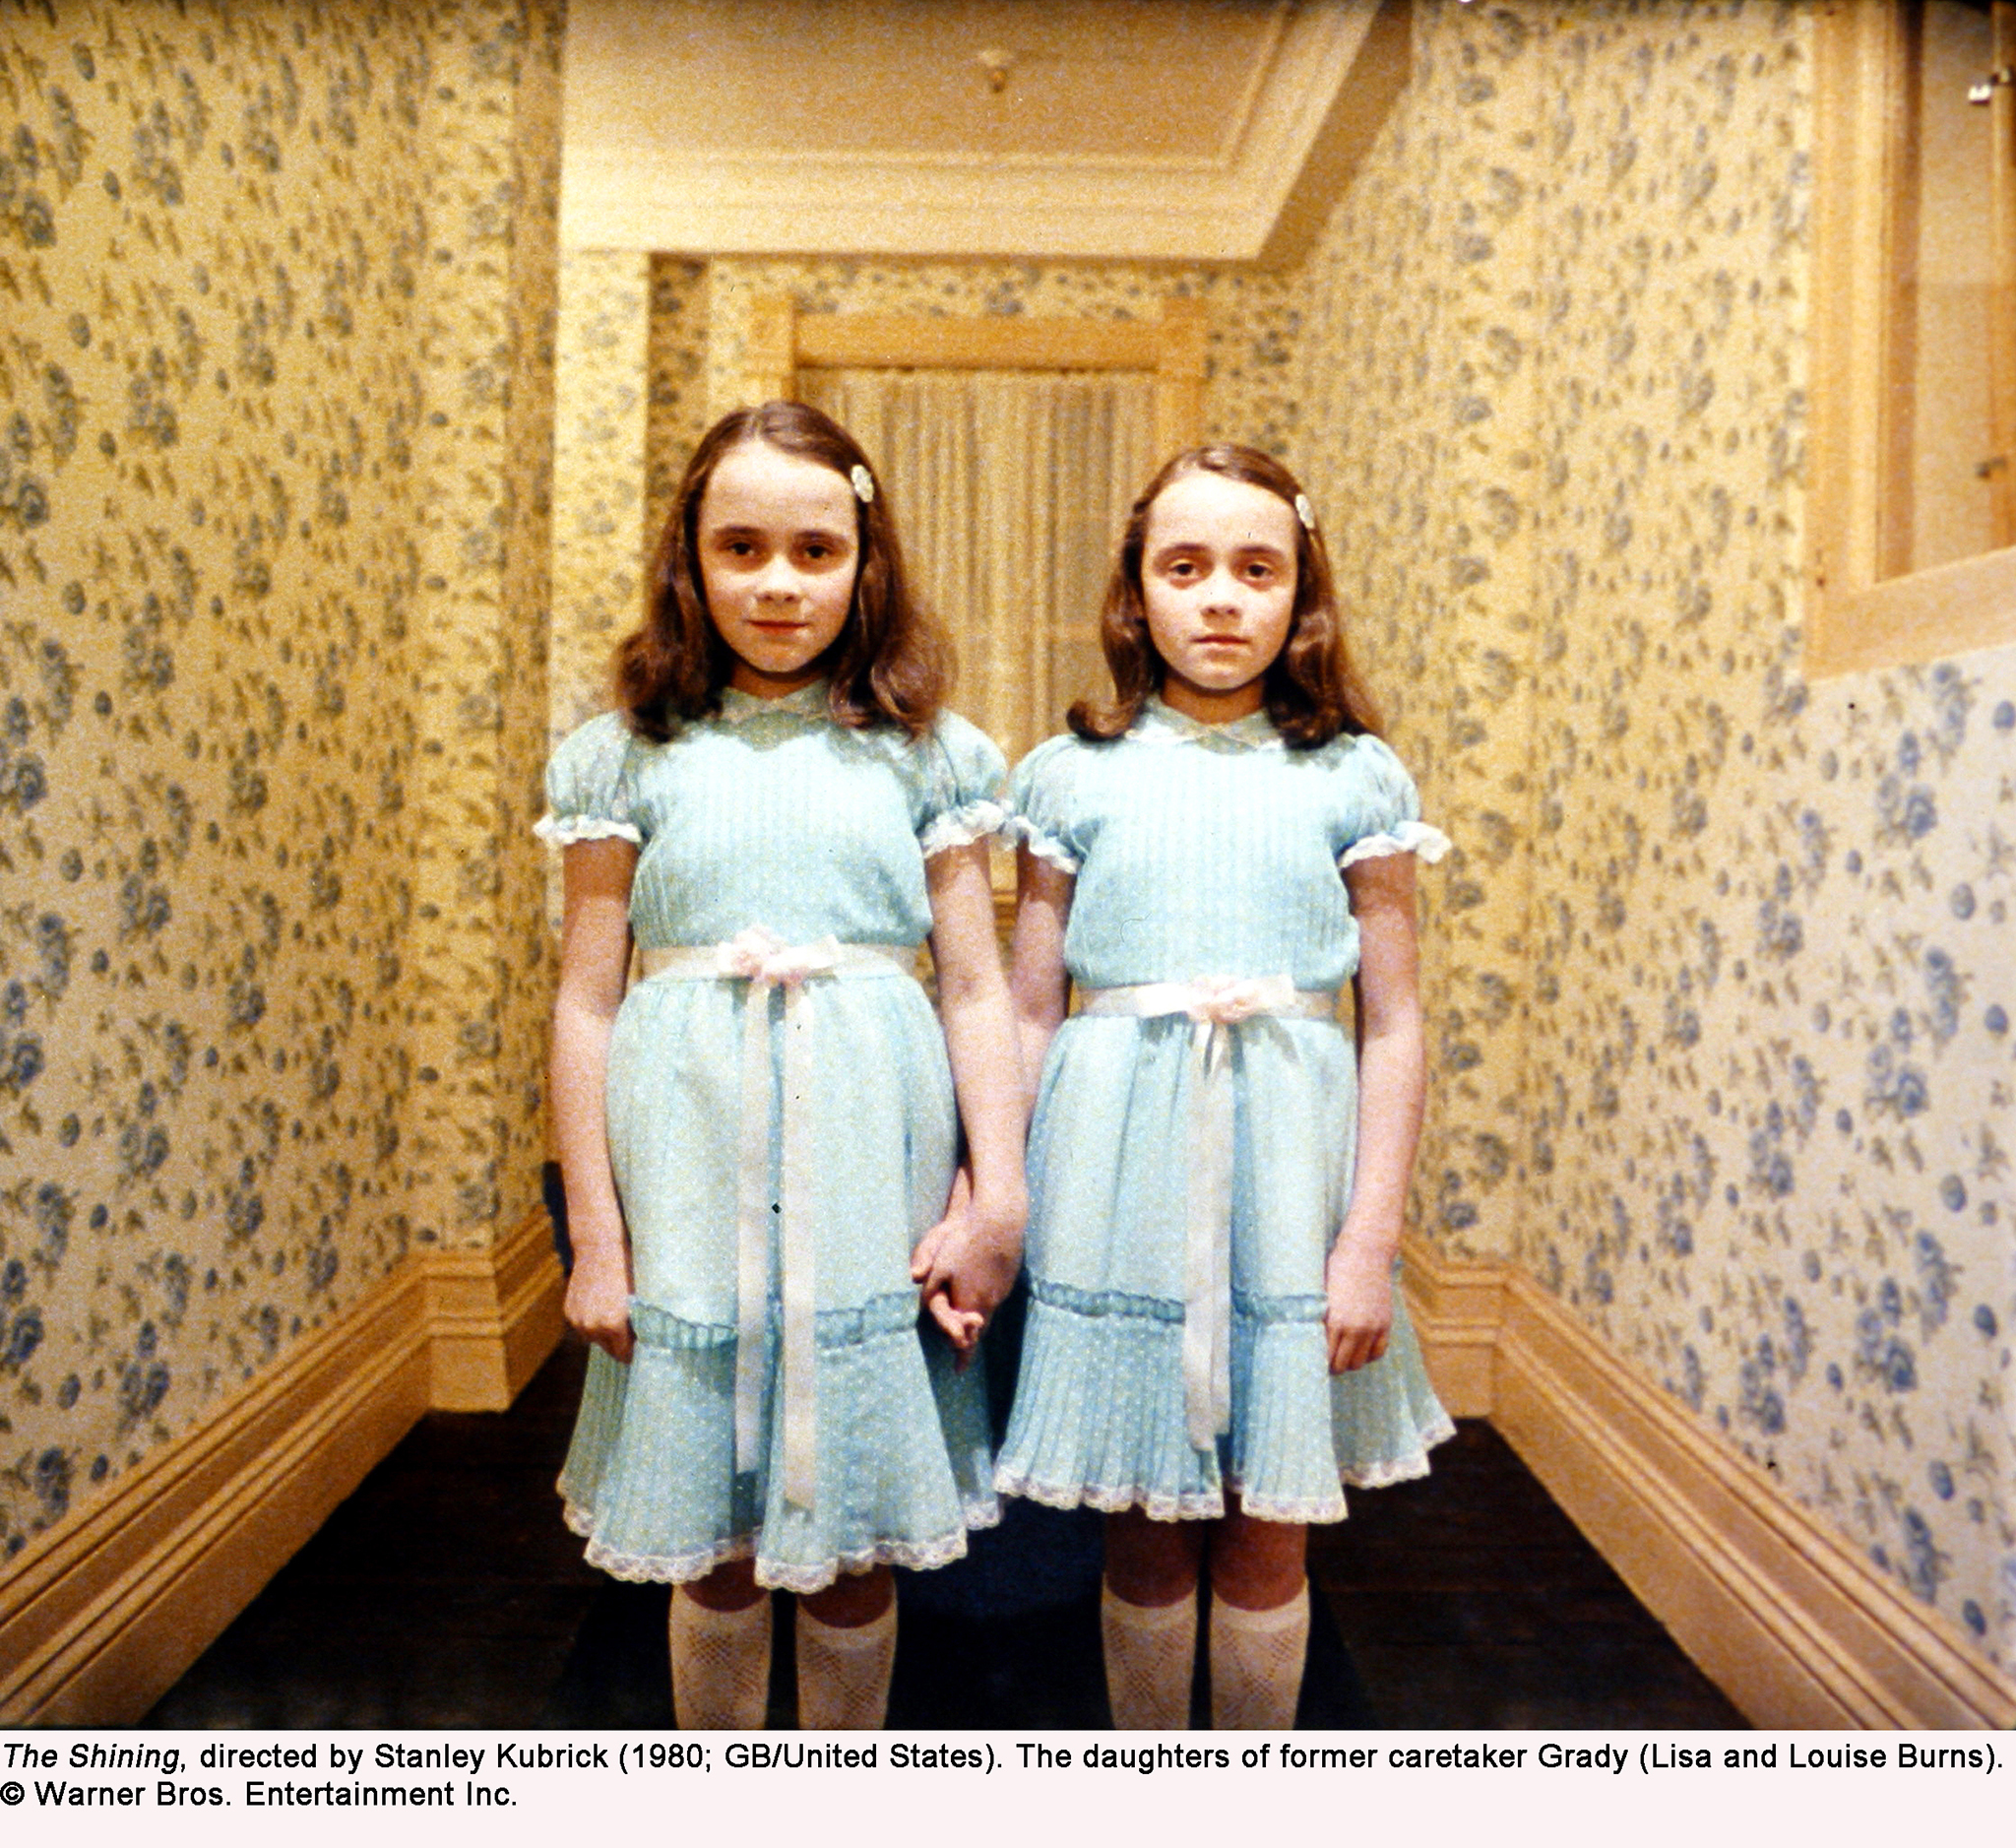 Best art exhibition of 2013: Stanley Kubrick